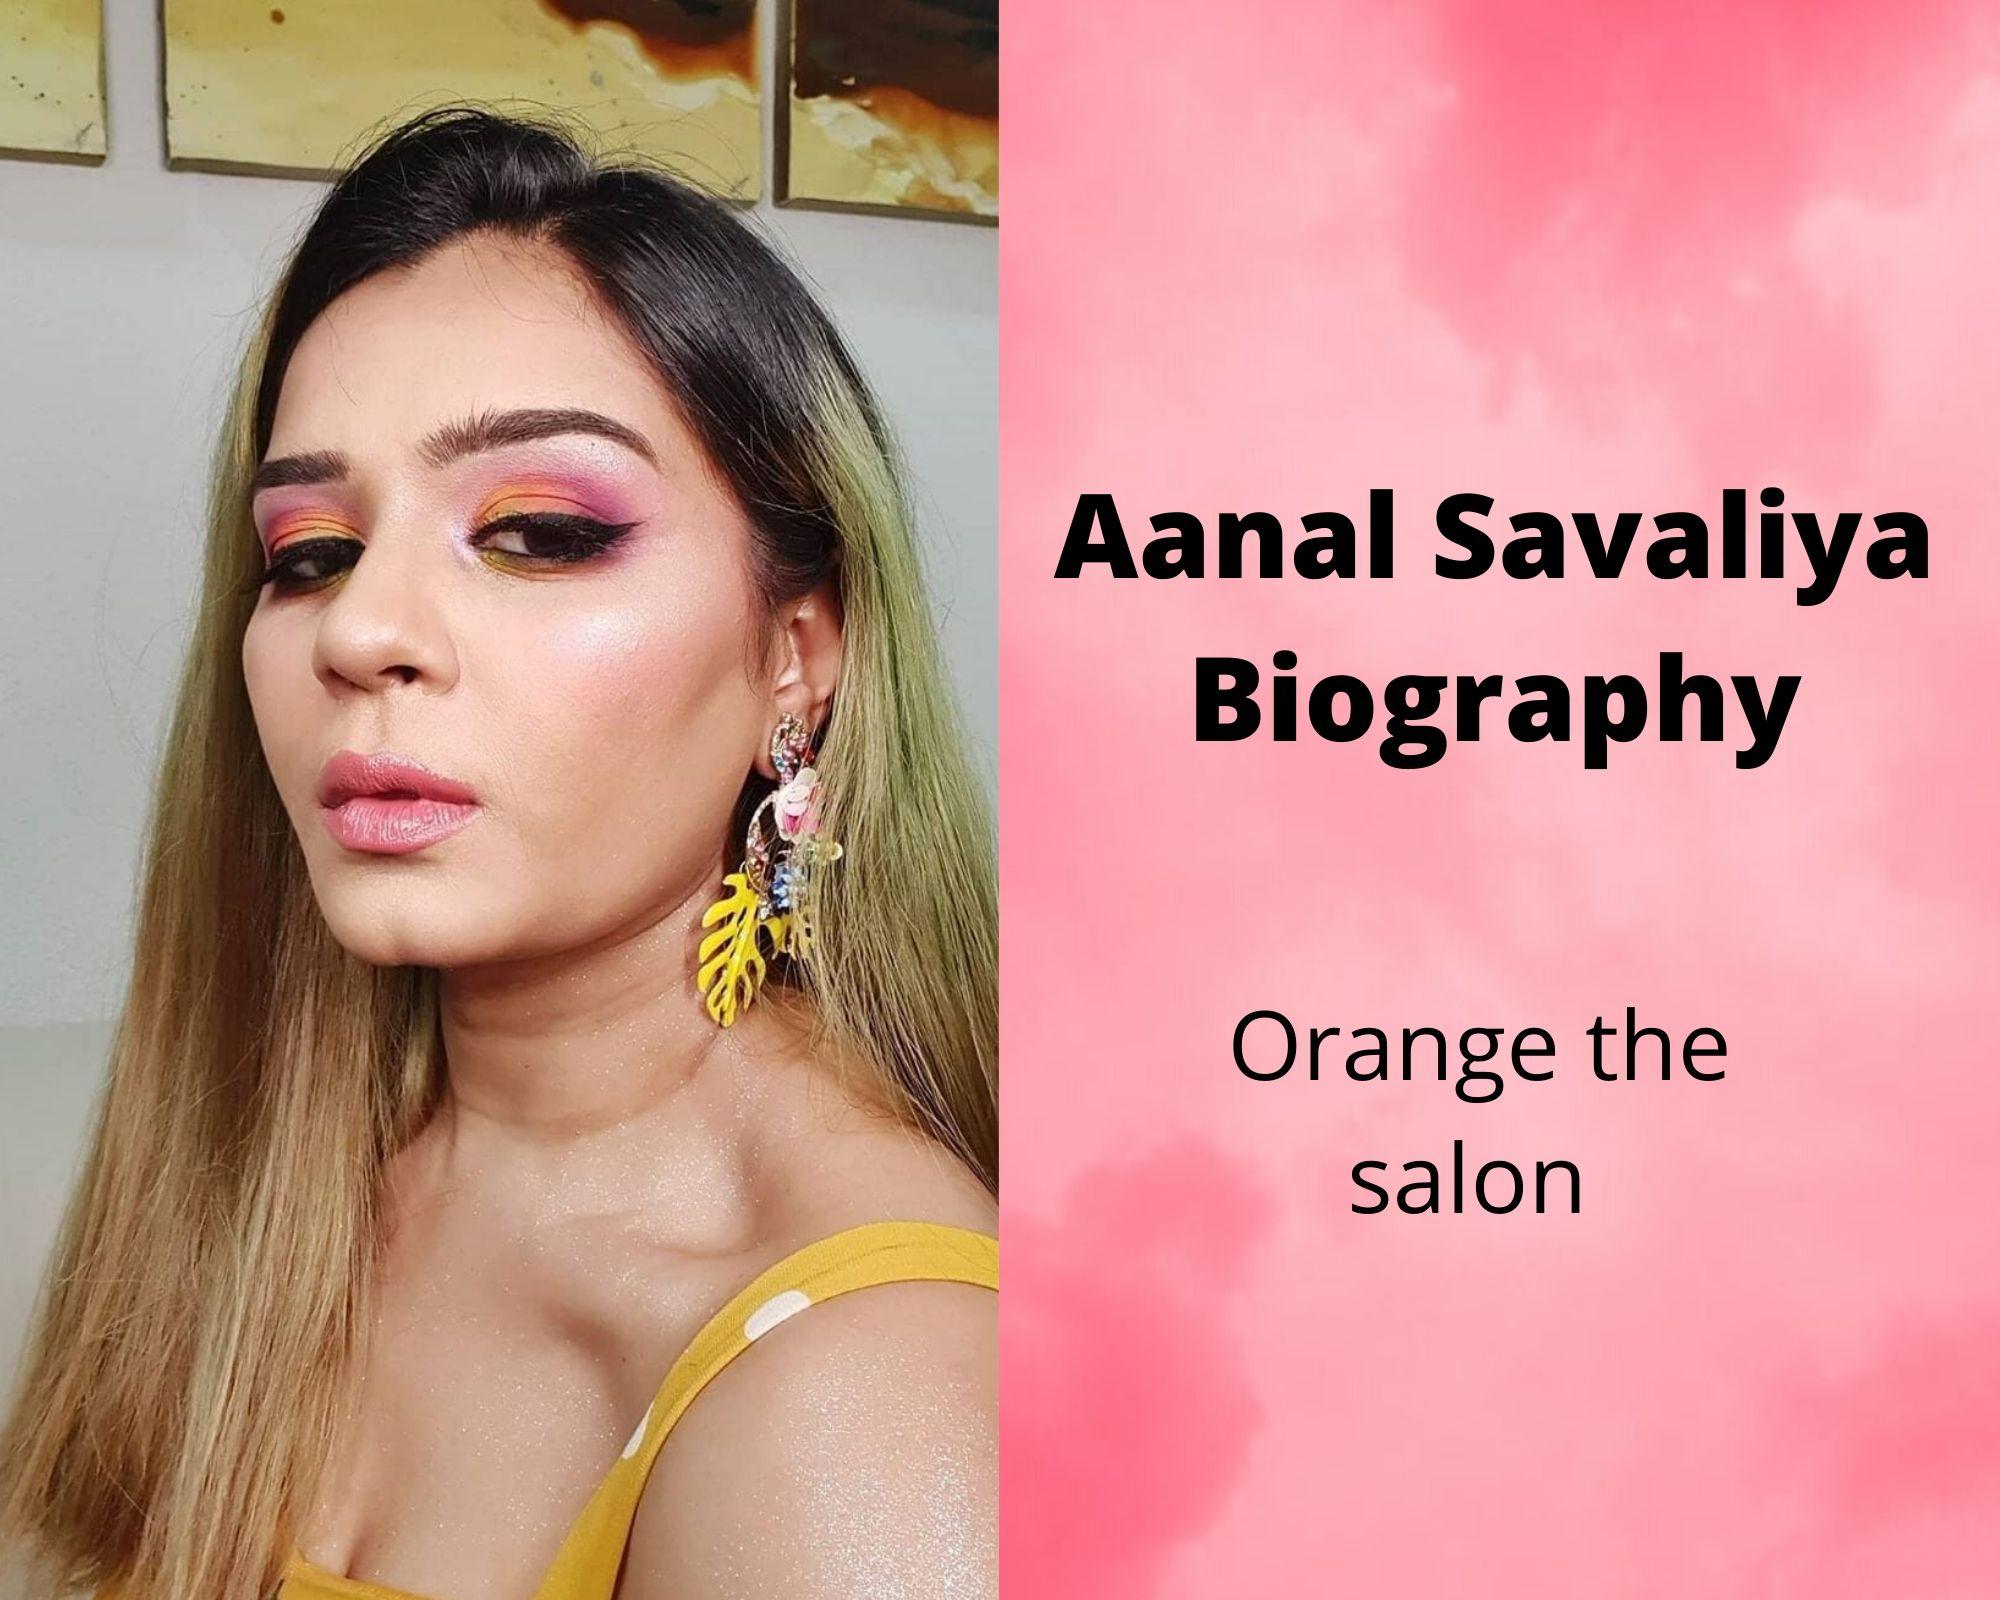 Aanal-Savaliya-Biography